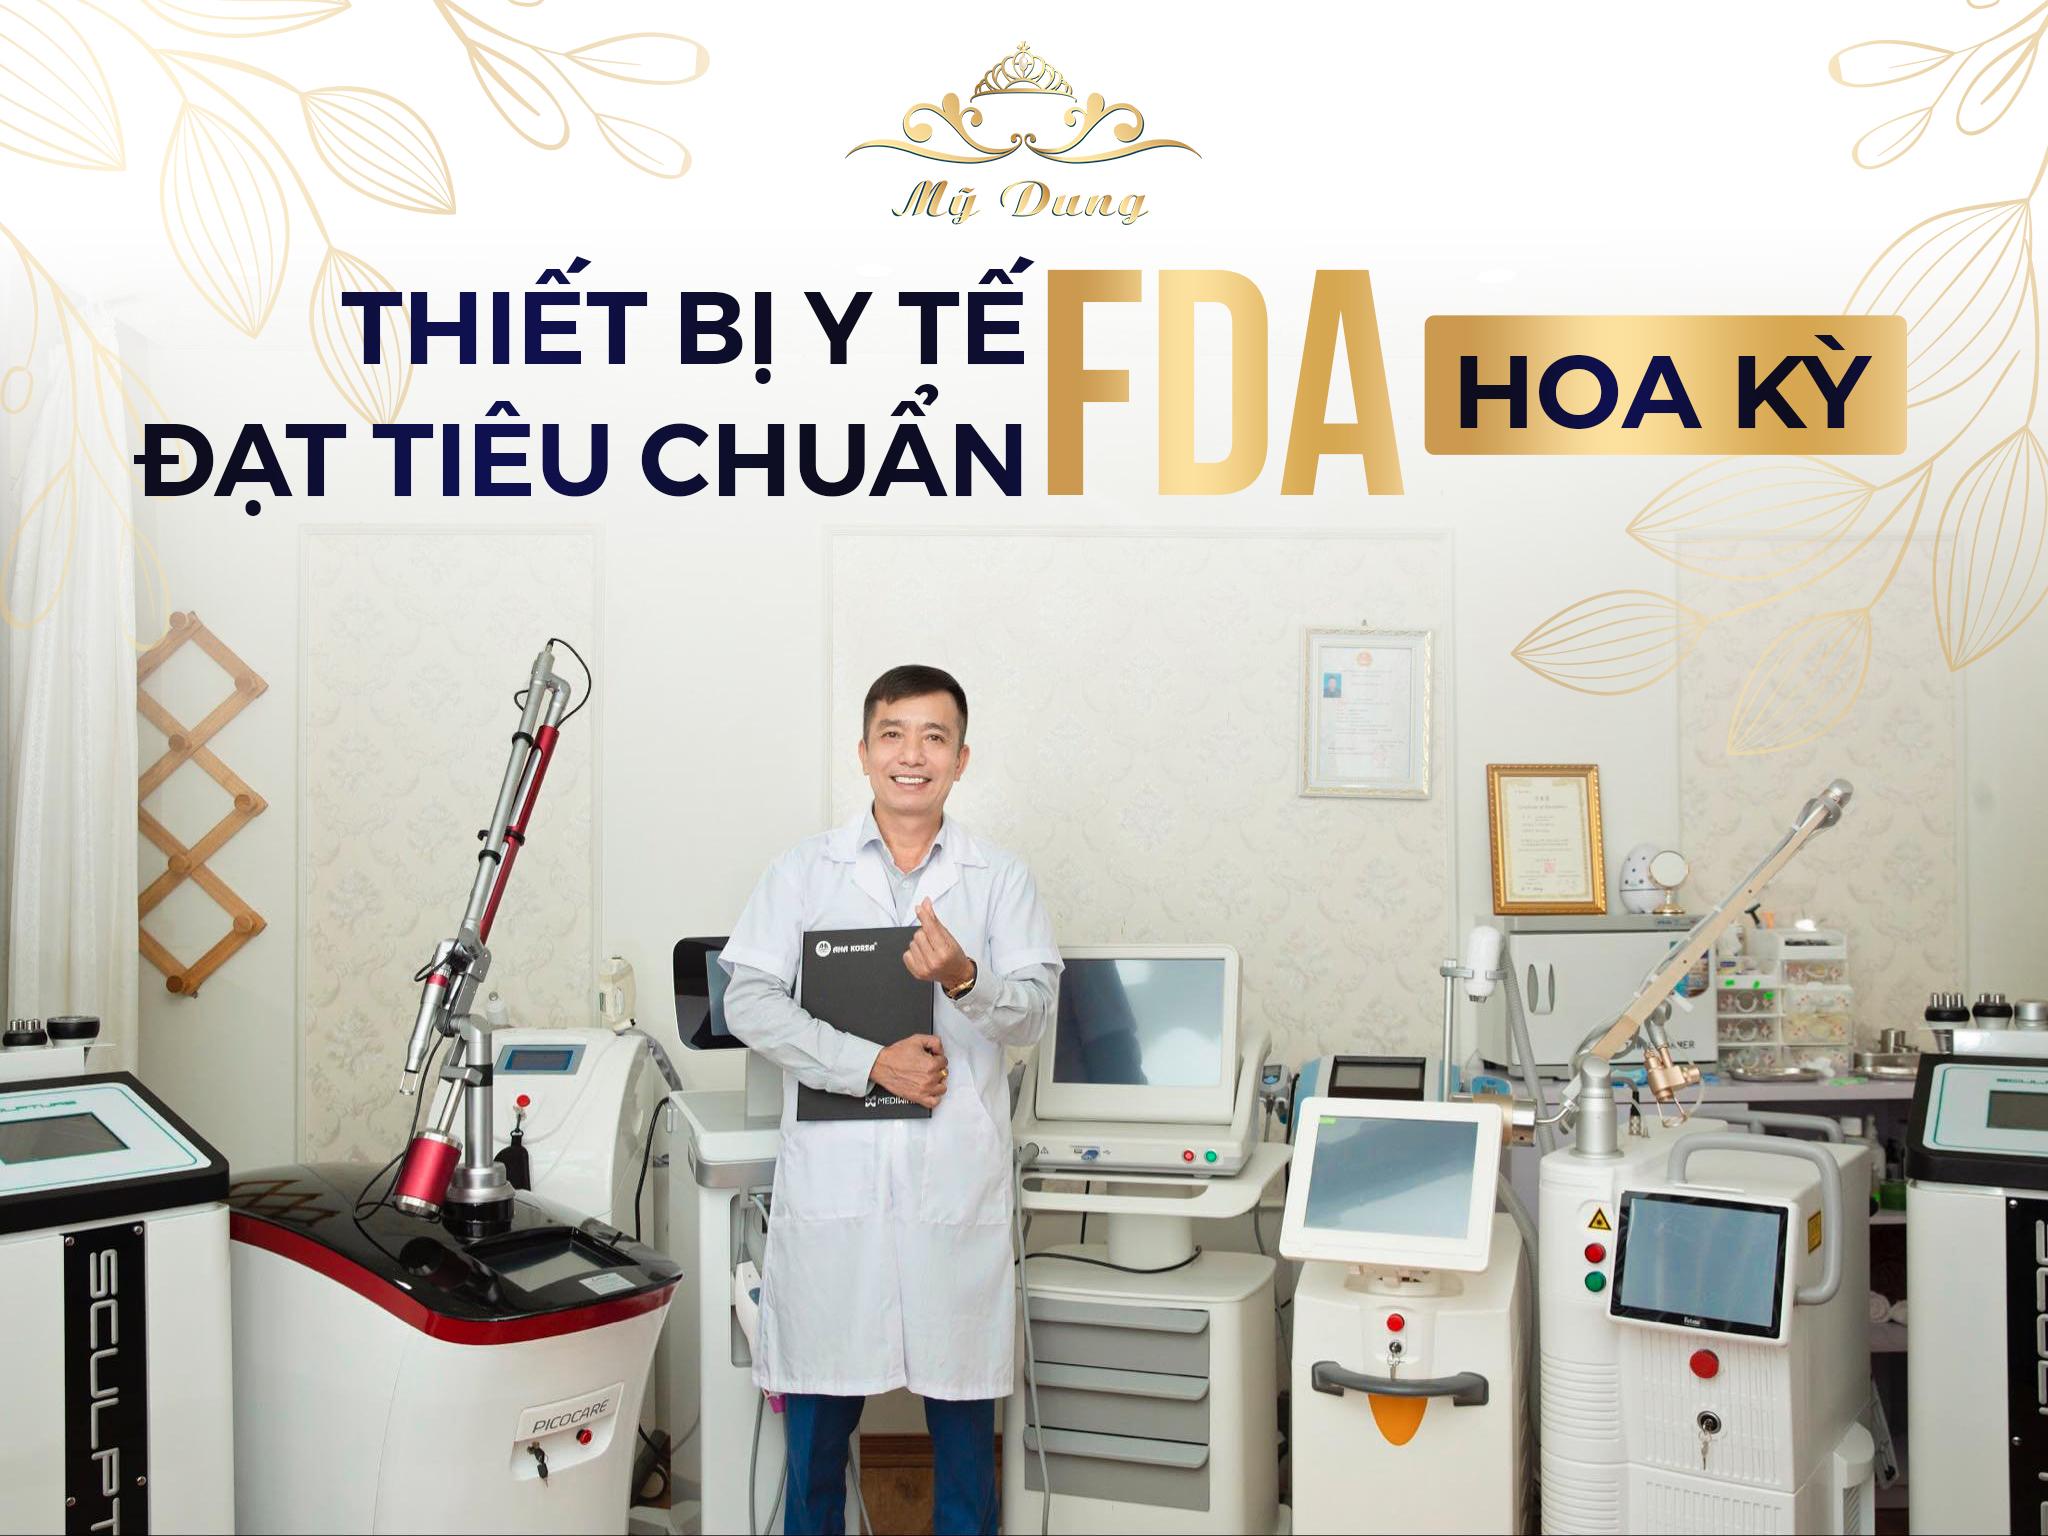 100% Thiết bị y tế đạt tiêu chuẩn FDA Hoa Kỳ